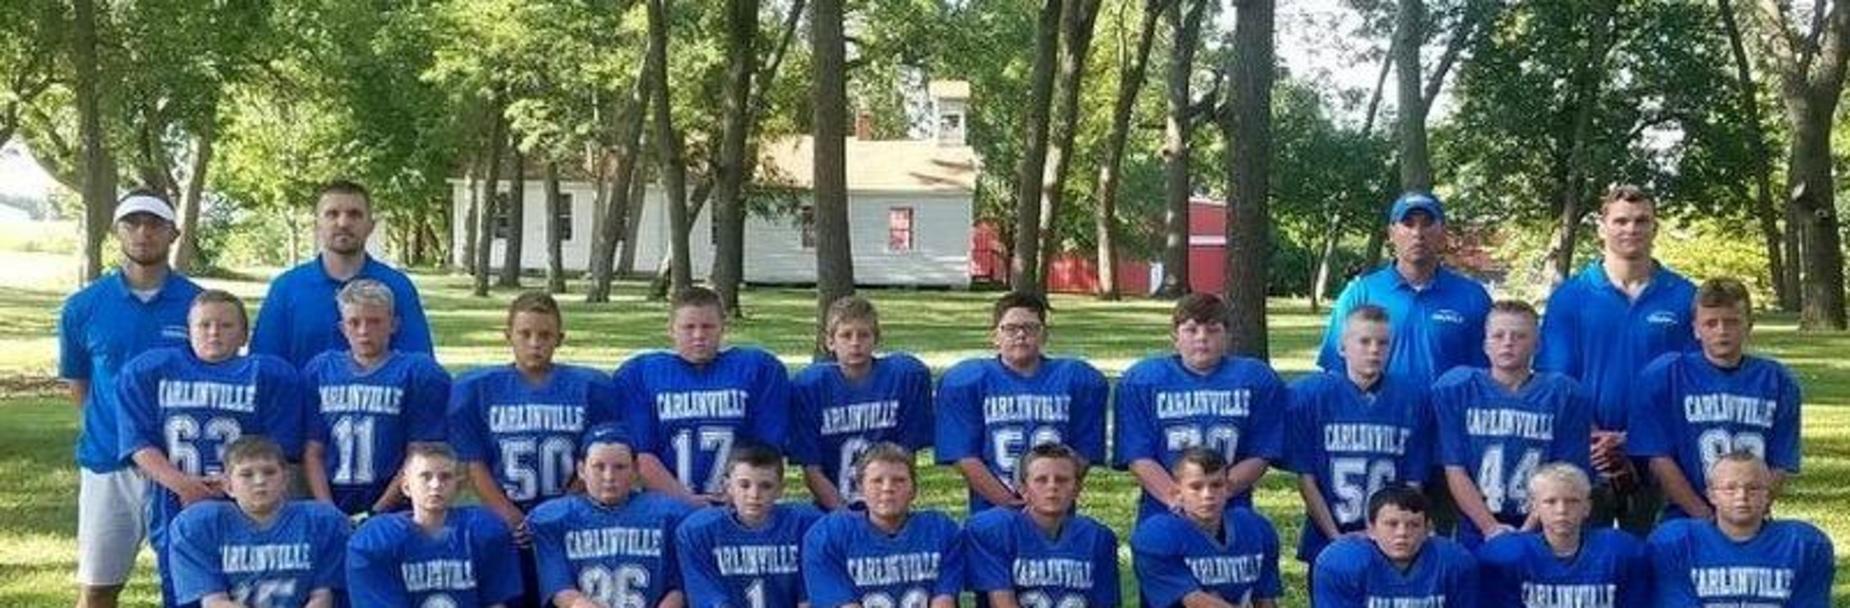 5th Grade JFL Team